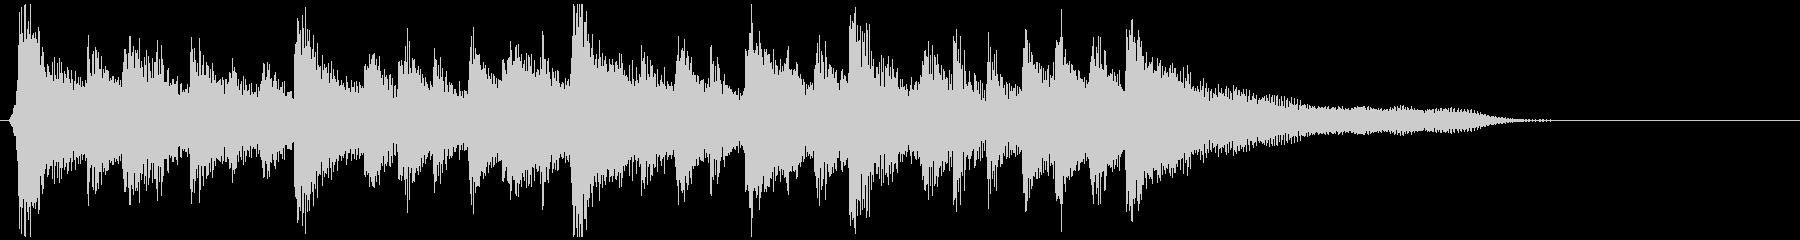 ウクレレ、穏やかサーフミュージック系ロゴの未再生の波形